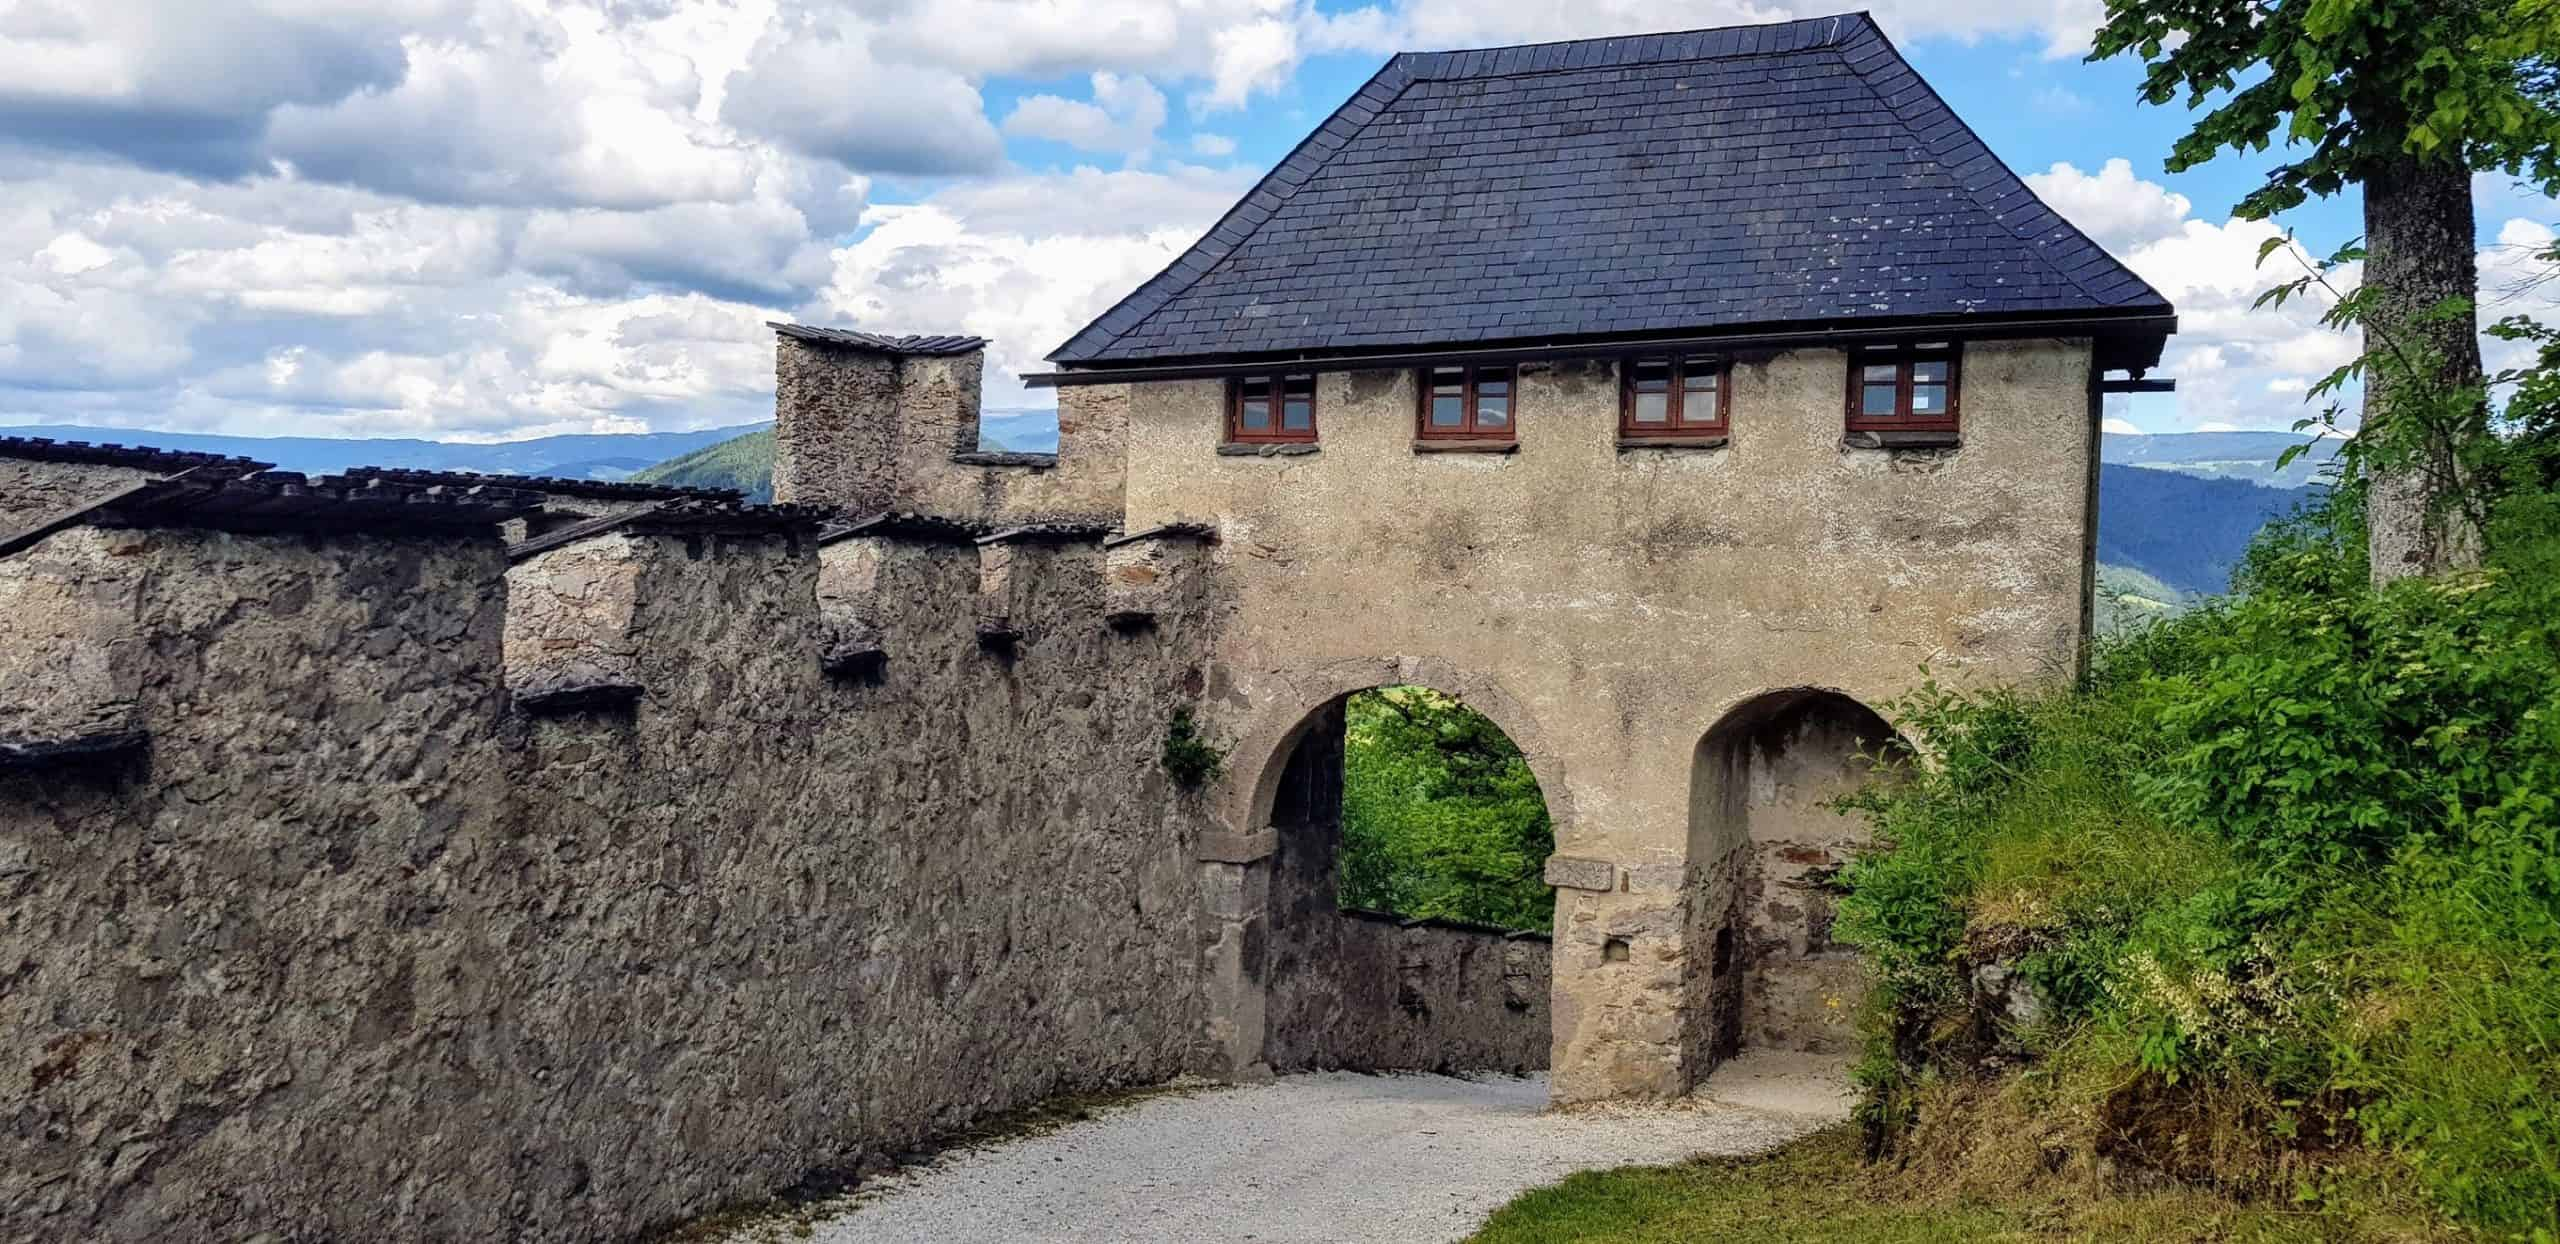 Manntor Rückseite - Mittelalter-Burgtor des Kärntner Ausflugsziels Hochosterwitz, Nähe Klagenfurt und St. Veit bei Österreich-Urlaub